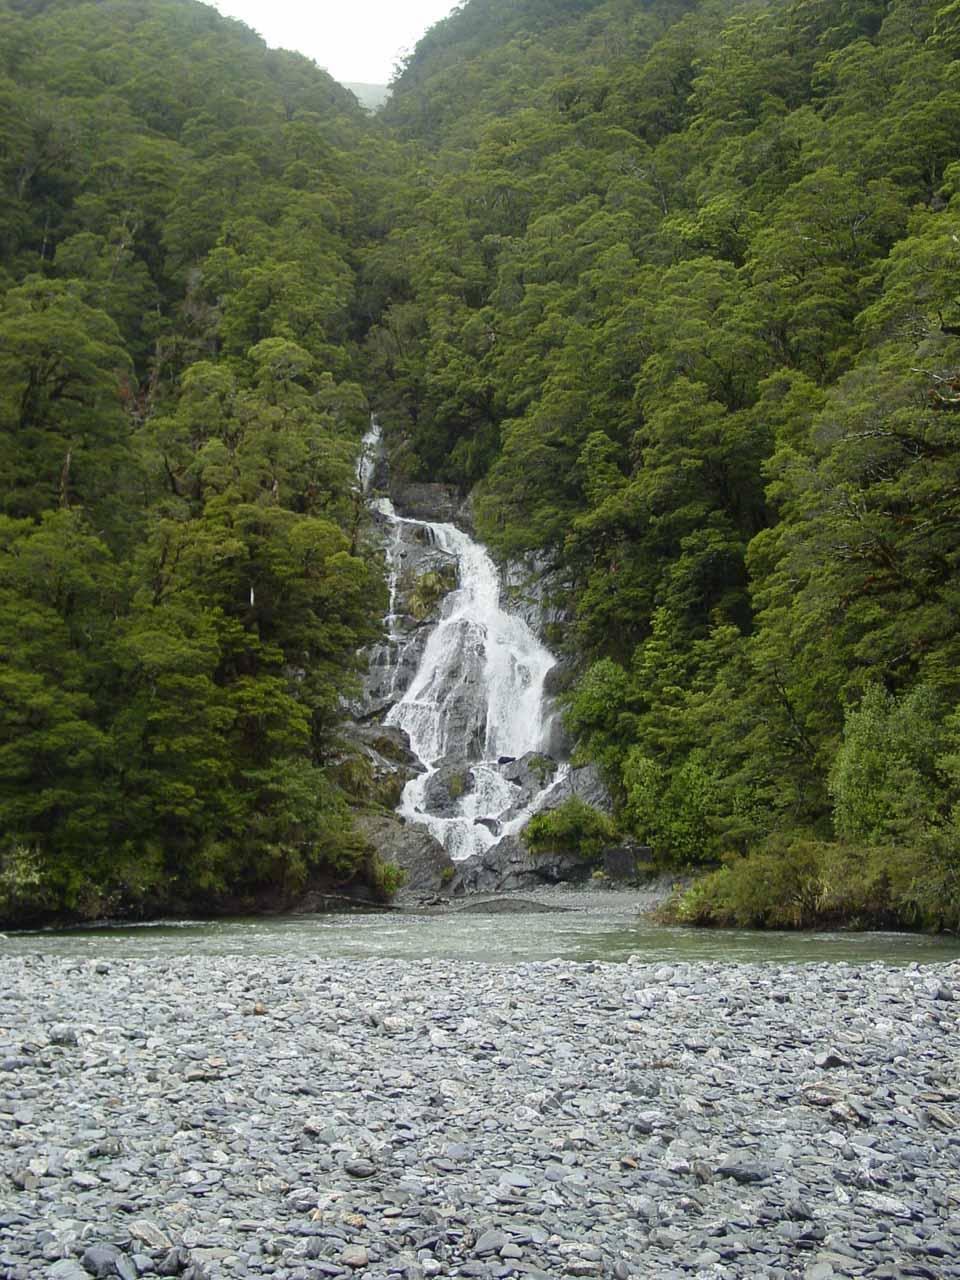 Approaching Fantail Falls